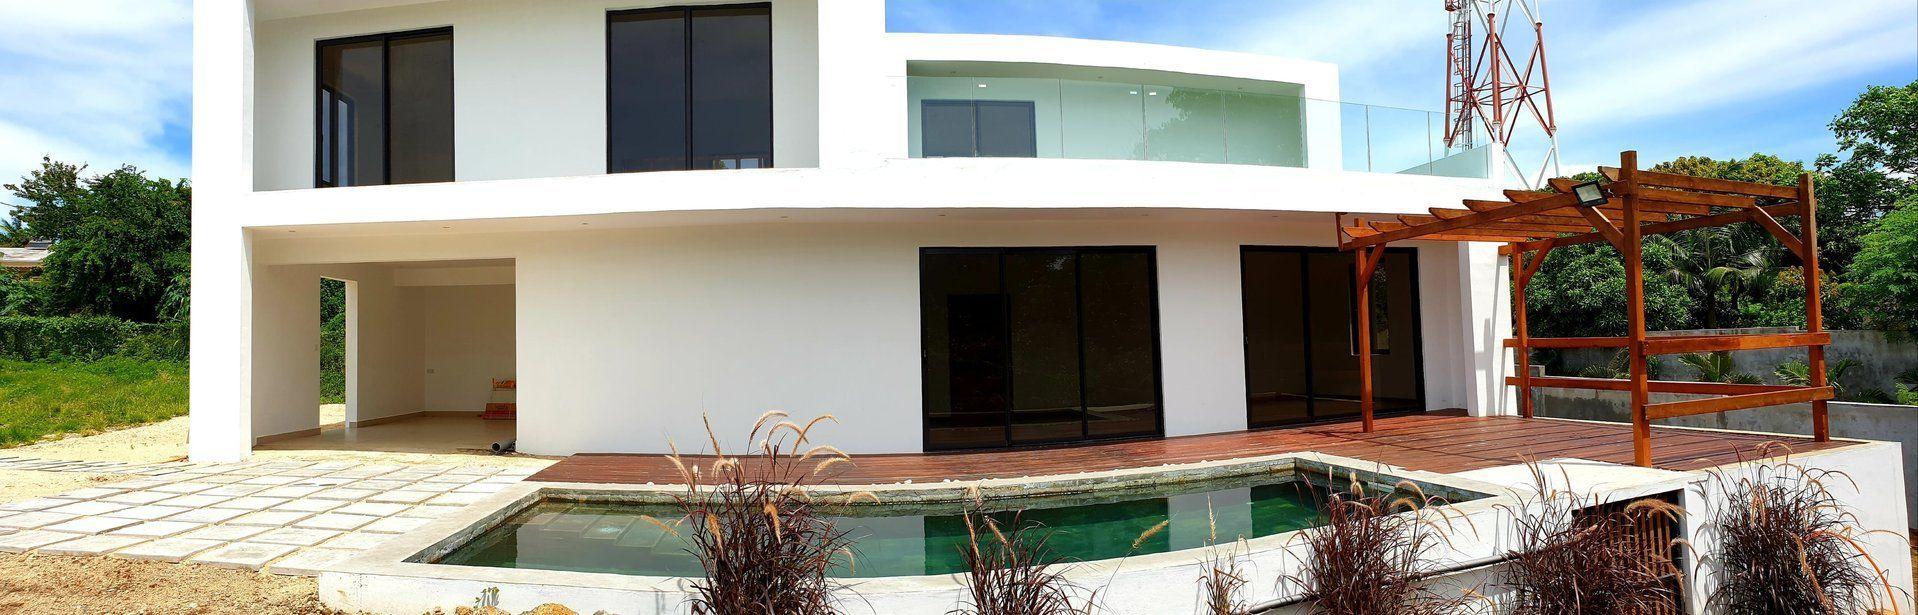 Maison à vendre 5 1055m2 à Ile Maurice vignette-20